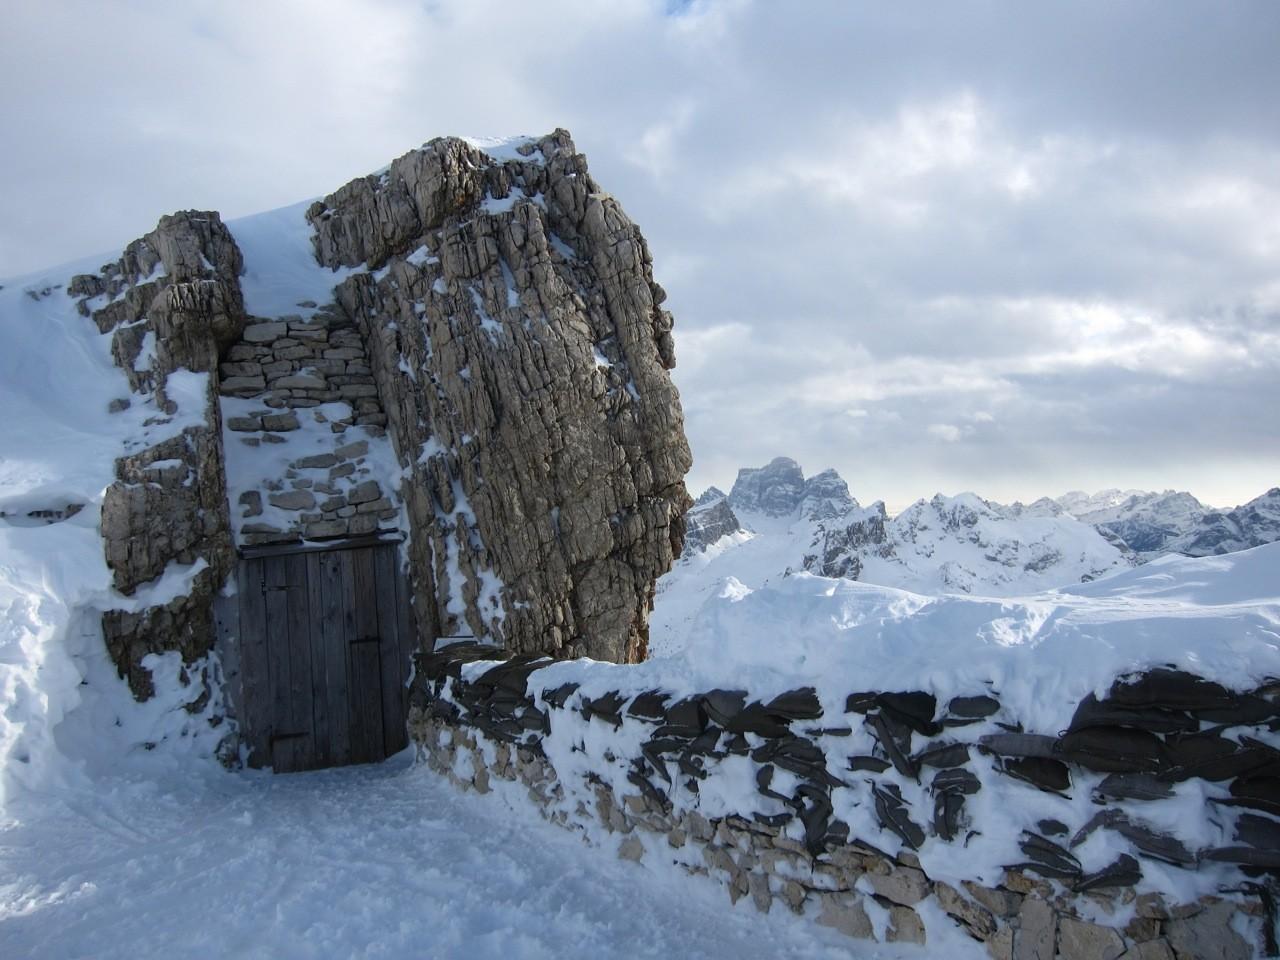 Eingang zum Kriegsstollen aus dem 1. Weltkrieg,  Lagazuoi, Dolomiten Südtirol